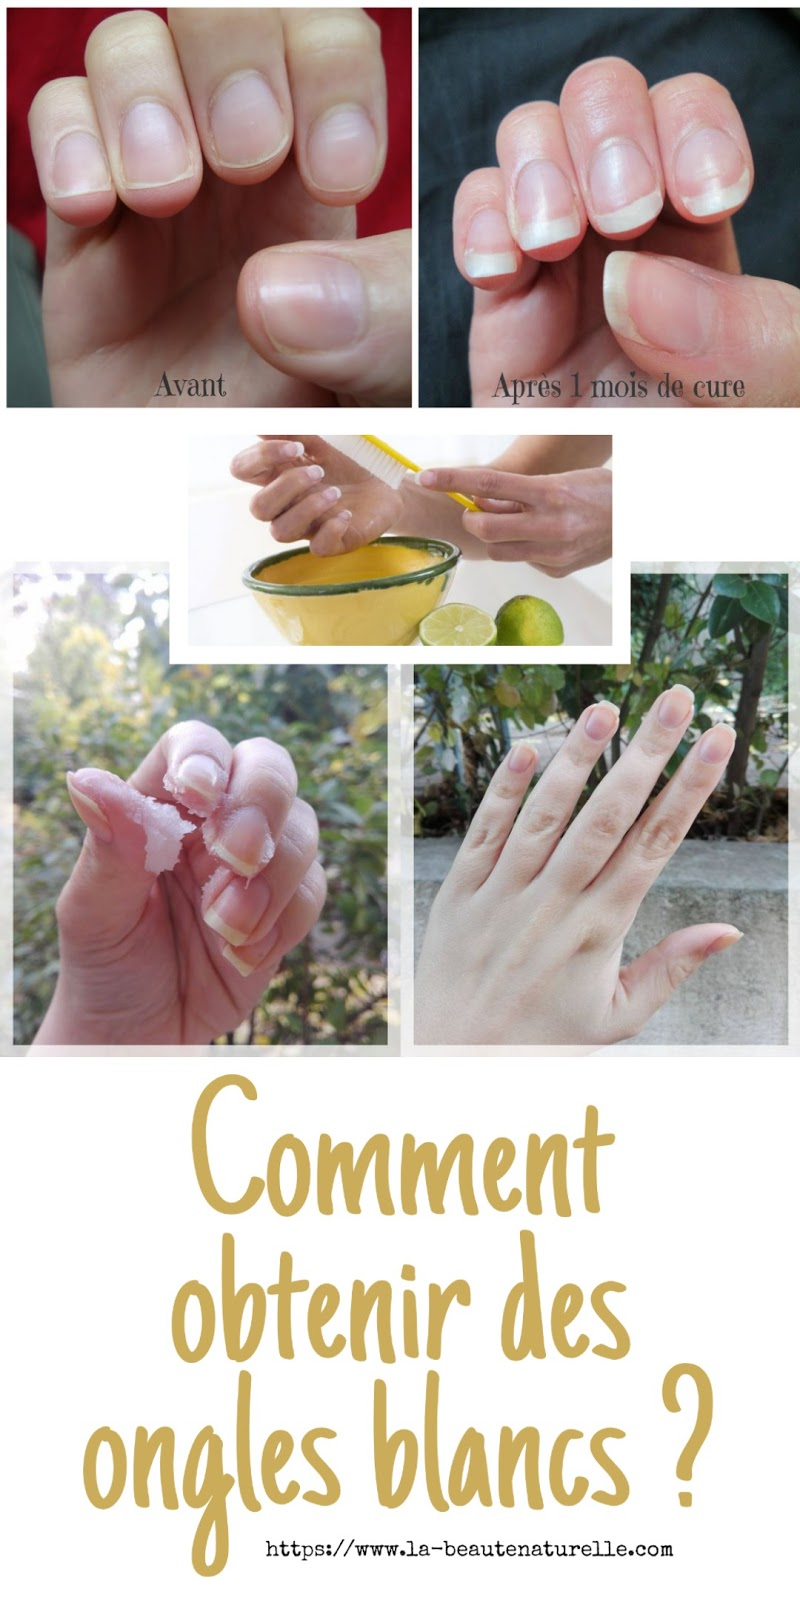 Comment obtenir des ongles blancs ?